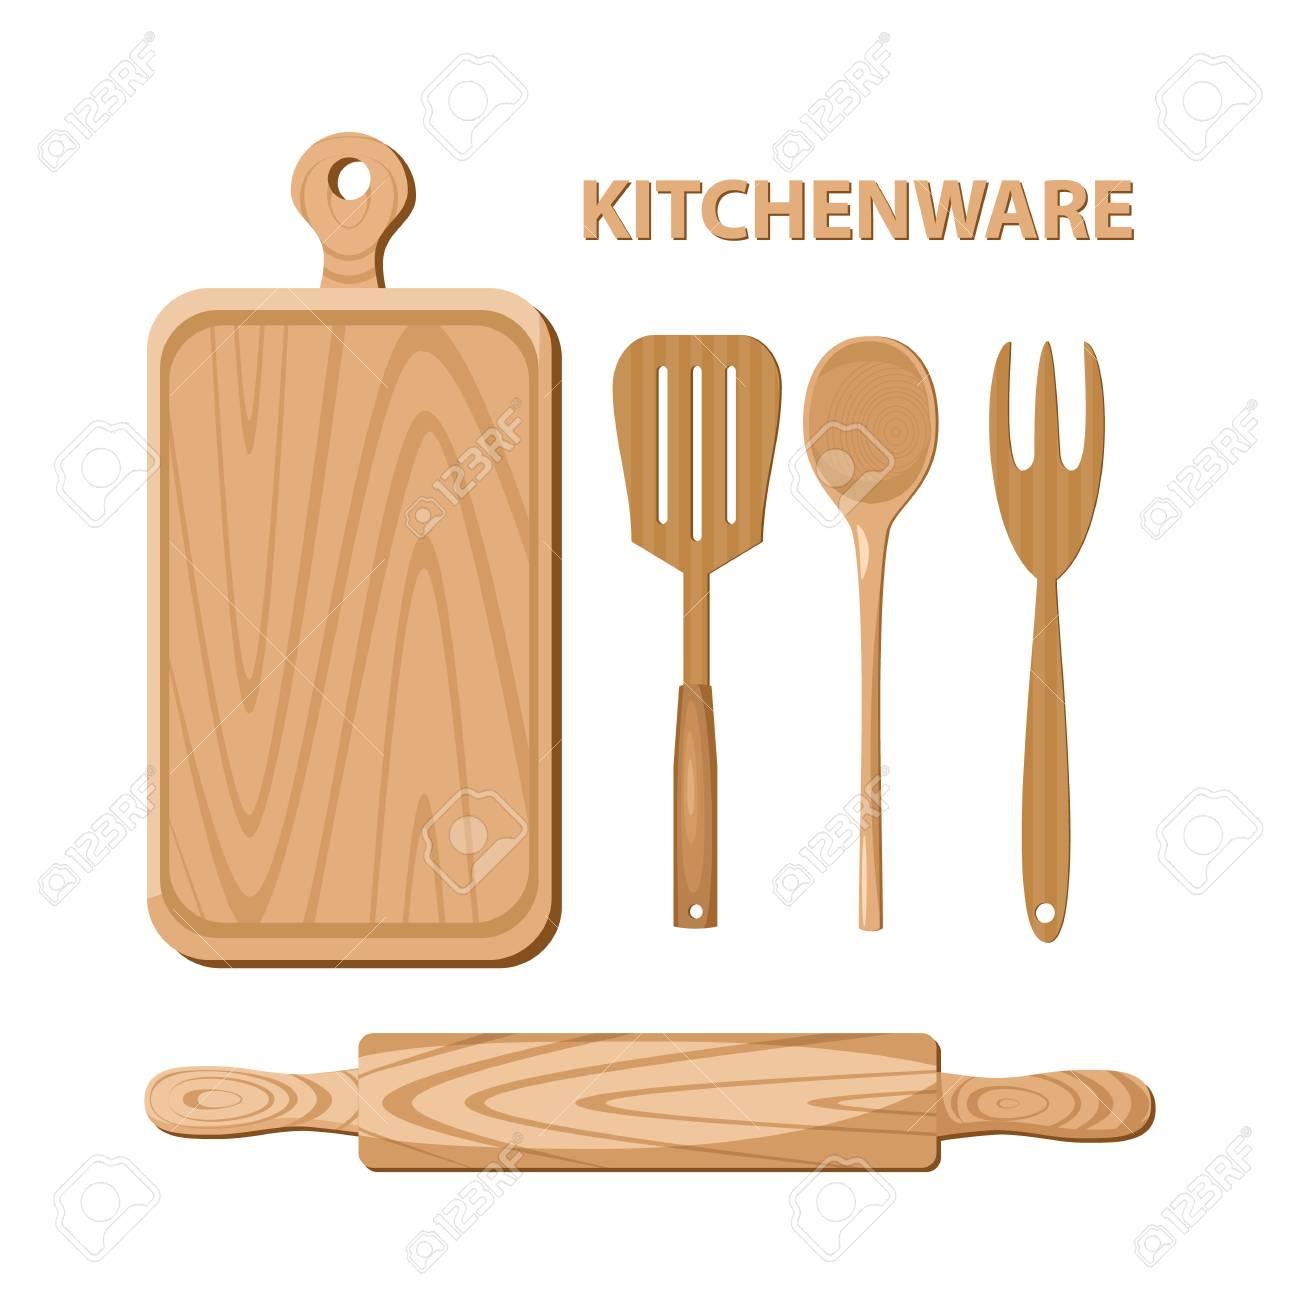 Wooden Kitchen Utensils. Kitchenware. Illustration. Royalty Free ...